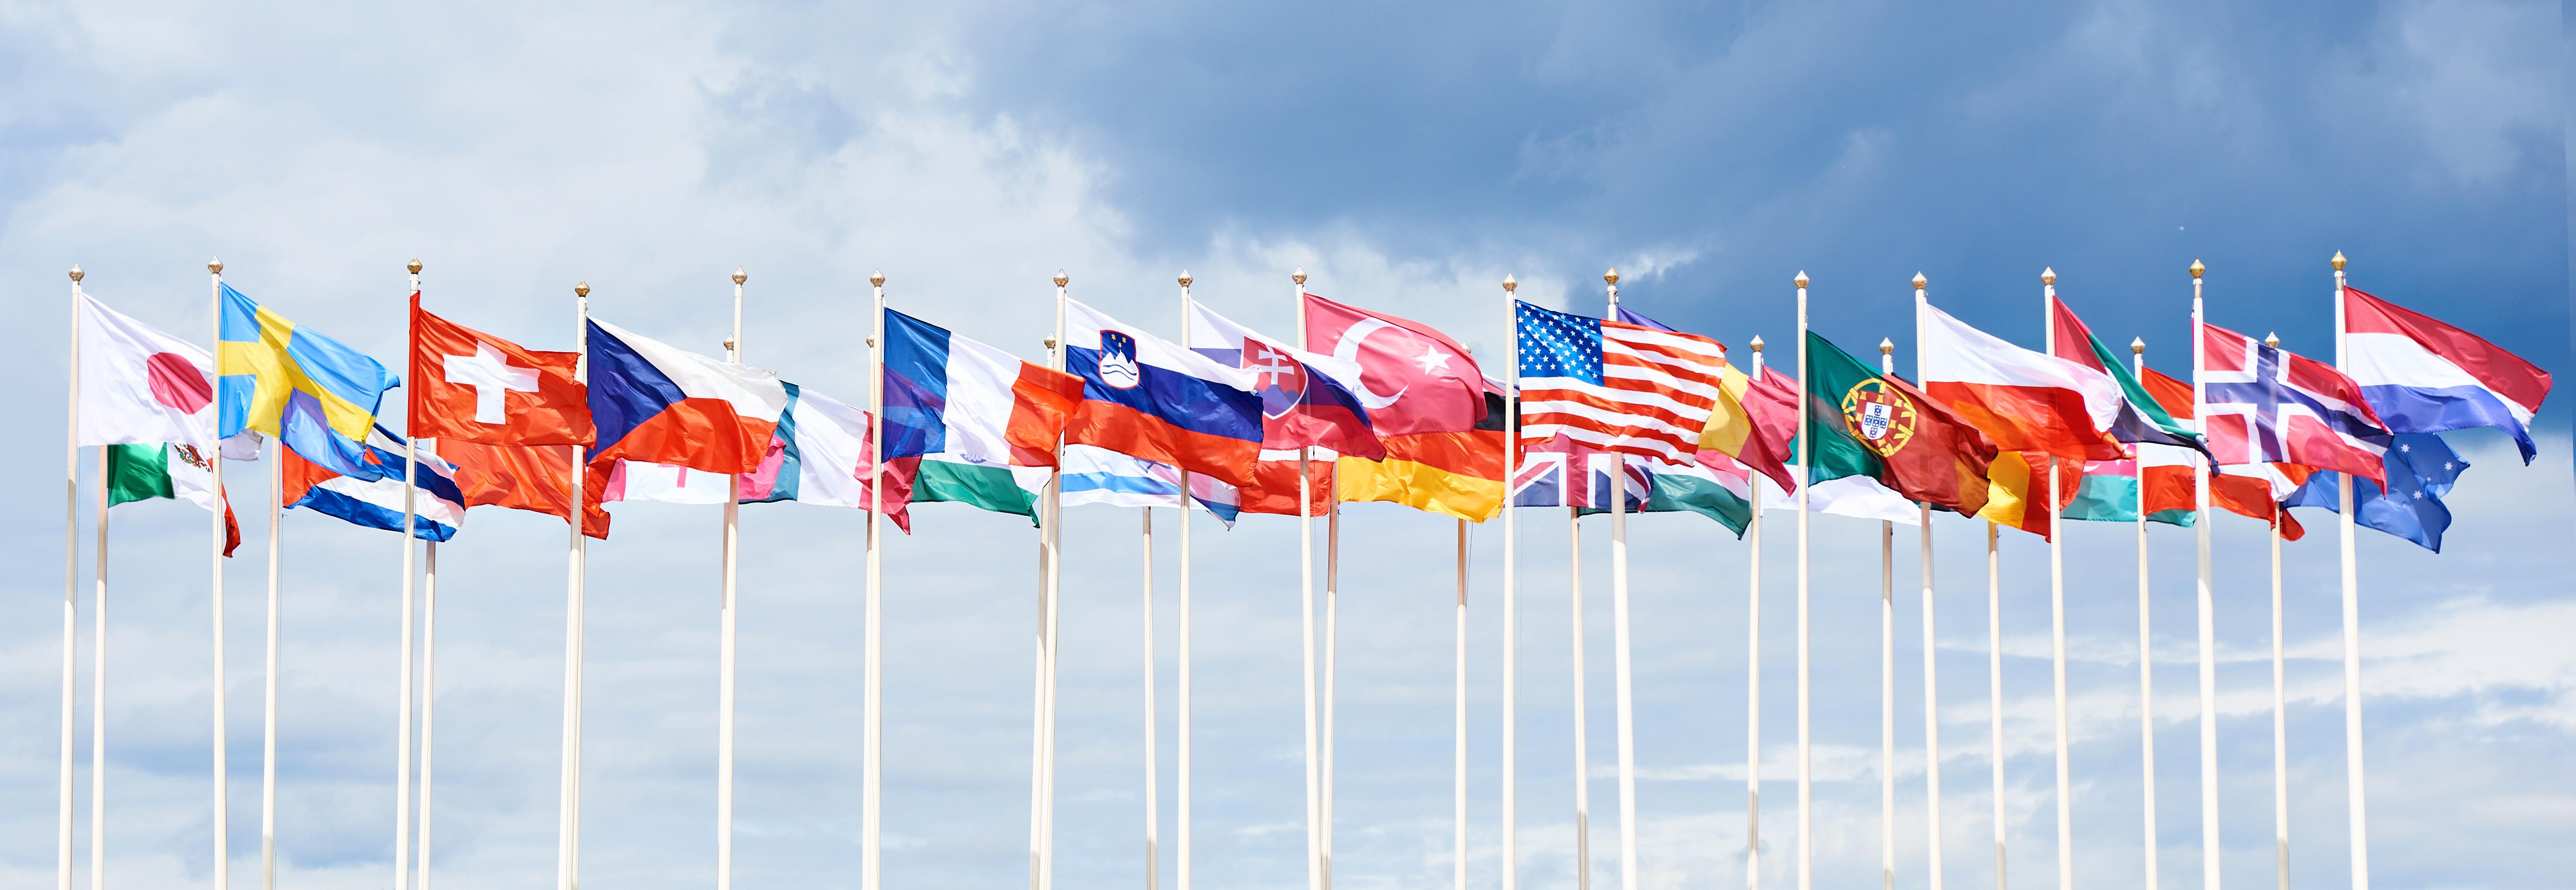 signalétique et mâts : les nations du monde